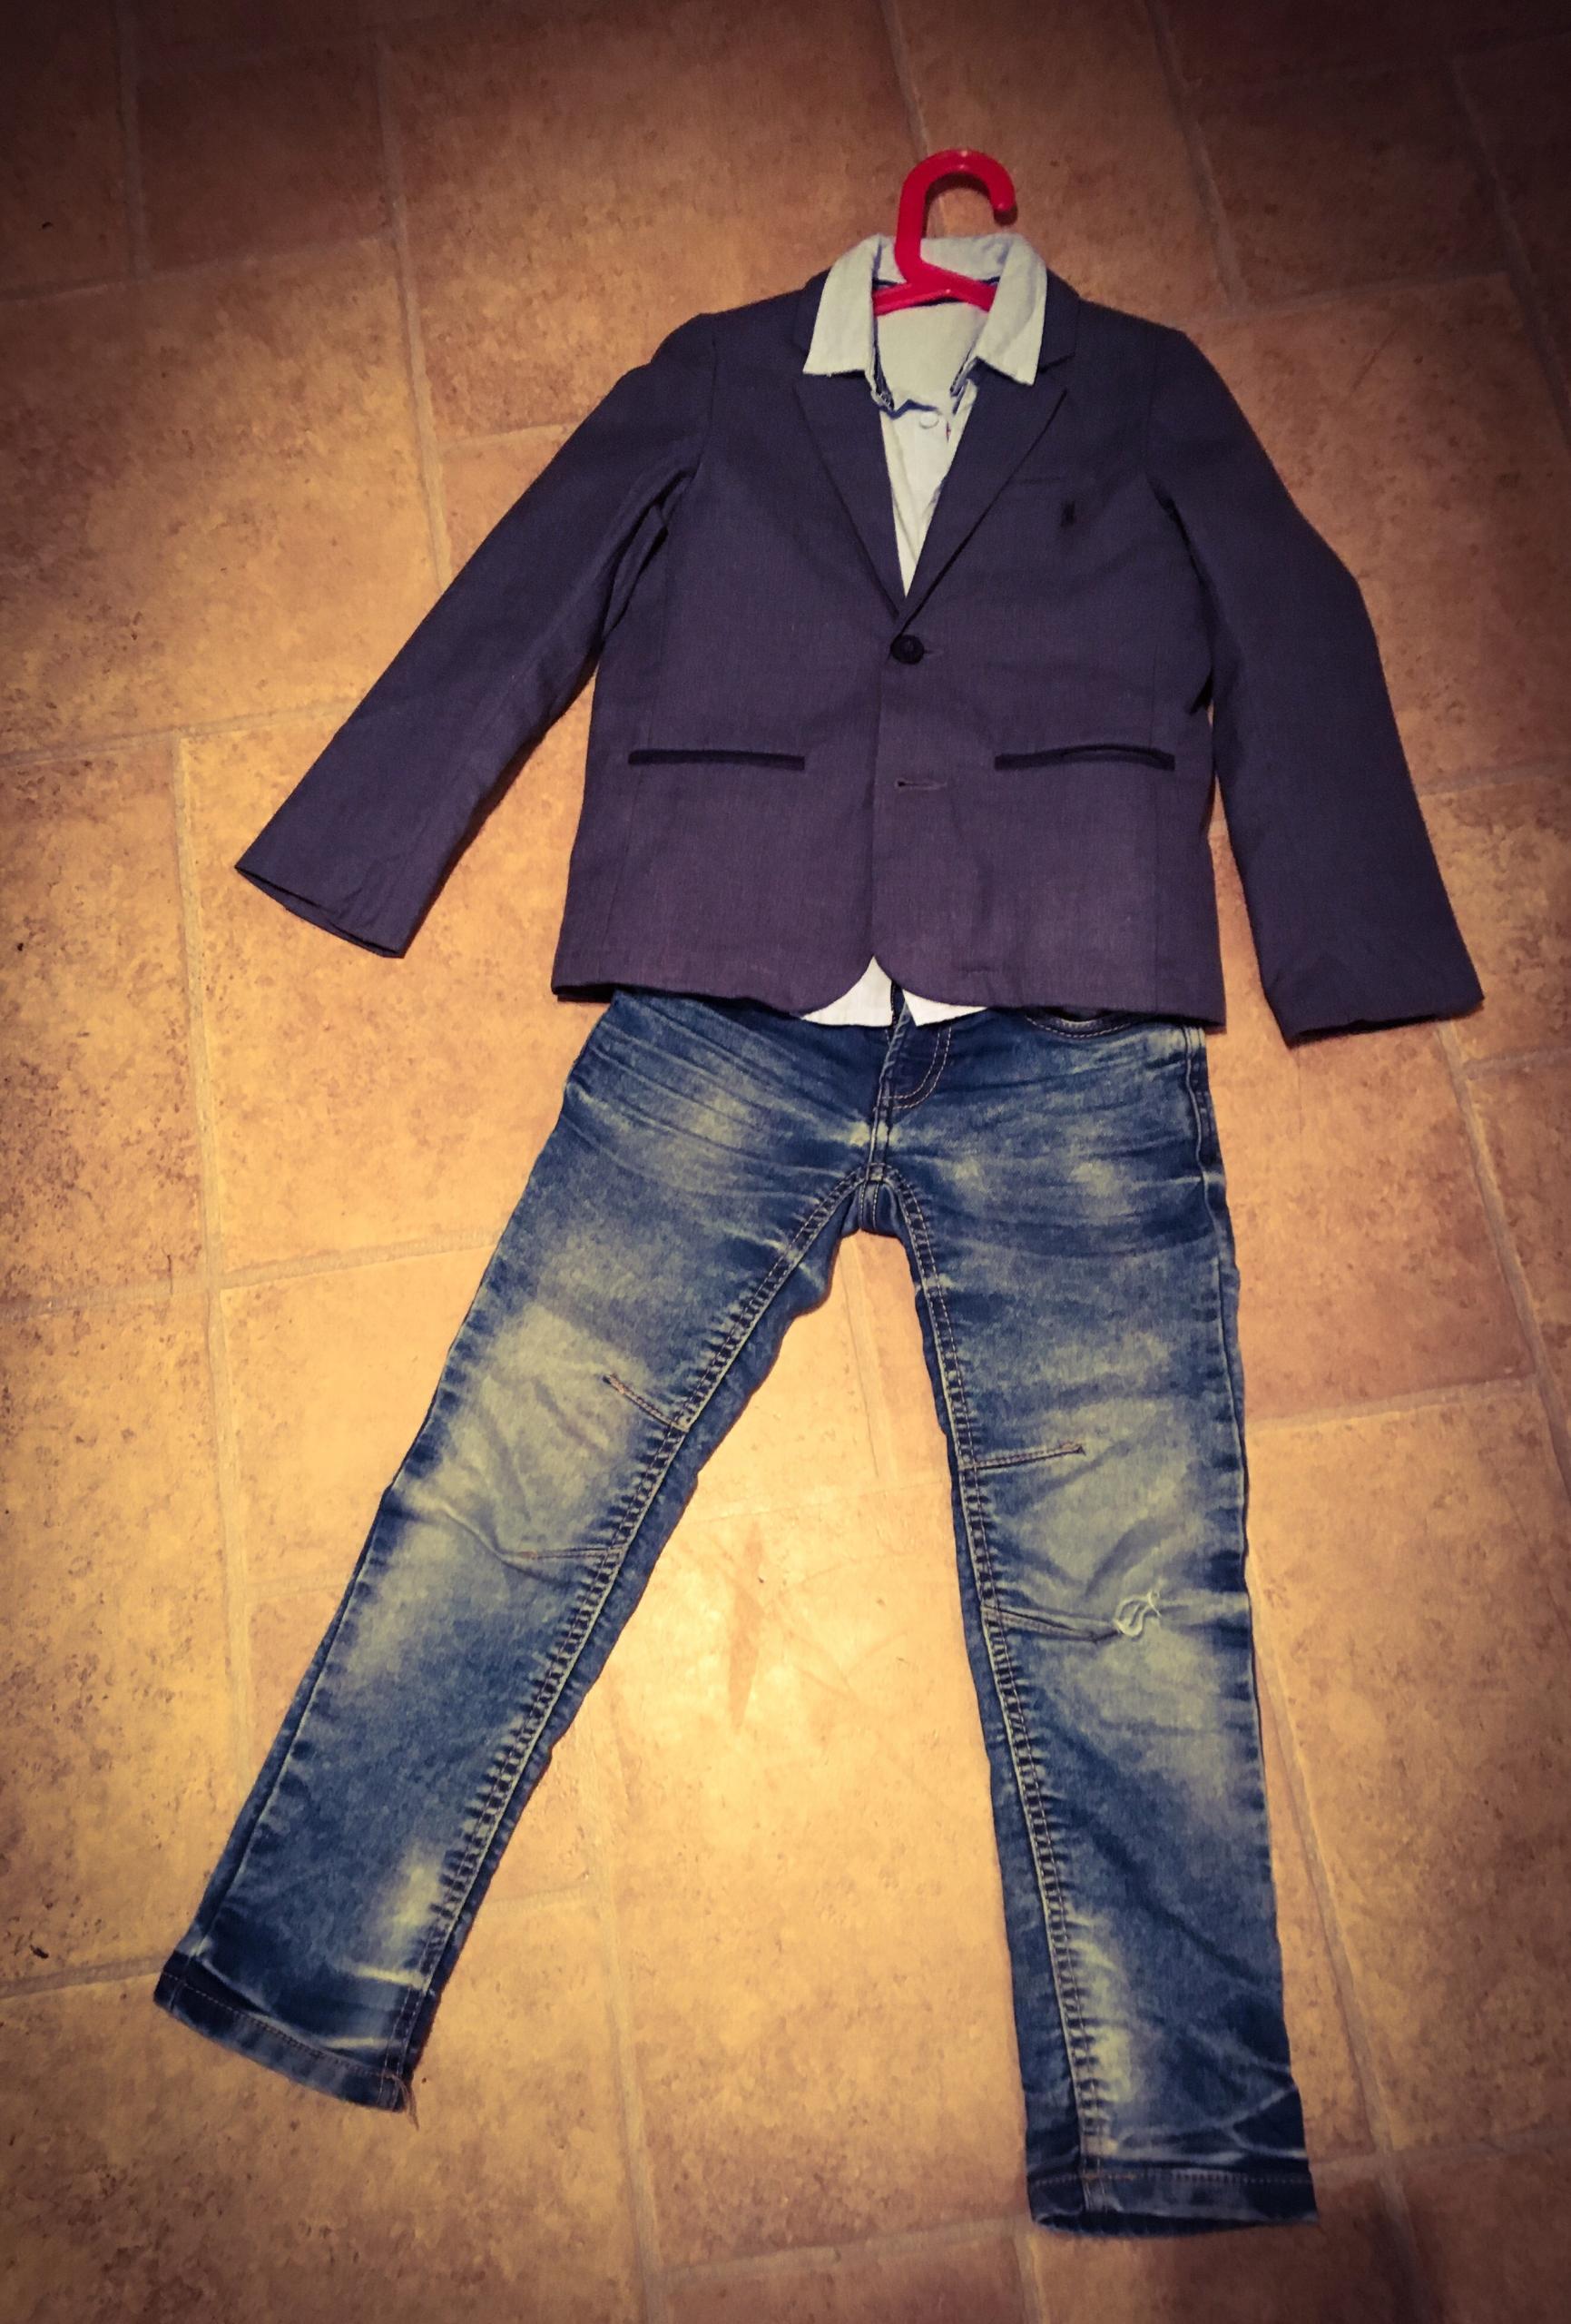 Marynarka Cool Club, Koszula, spodnie - 122